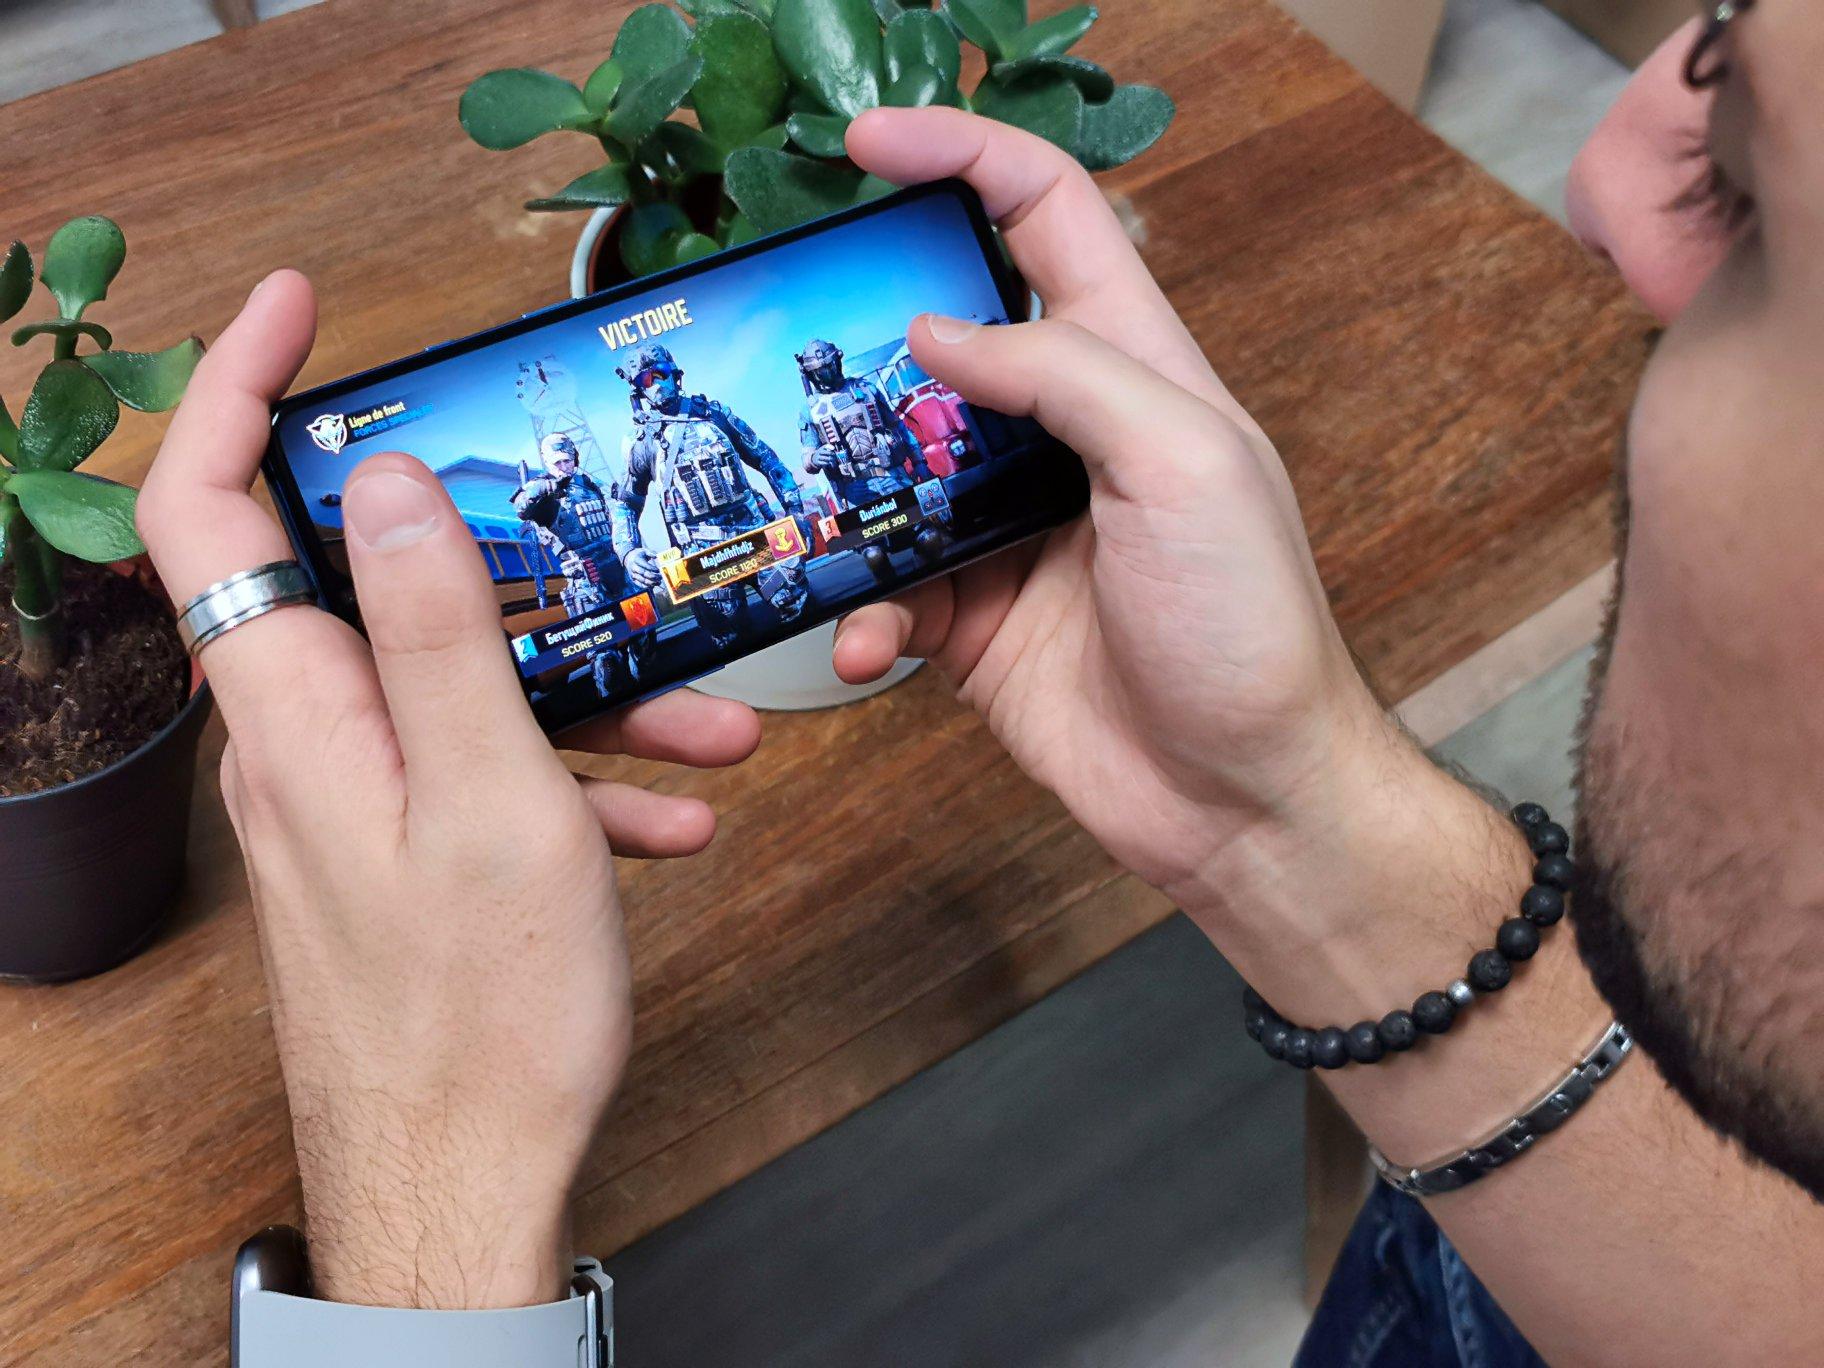 Les Meilleurs Fps Et Tps (Jeux De Tir) Sur Android Et Iphone concernant Jeu Gratuit Enfant 7 Ans